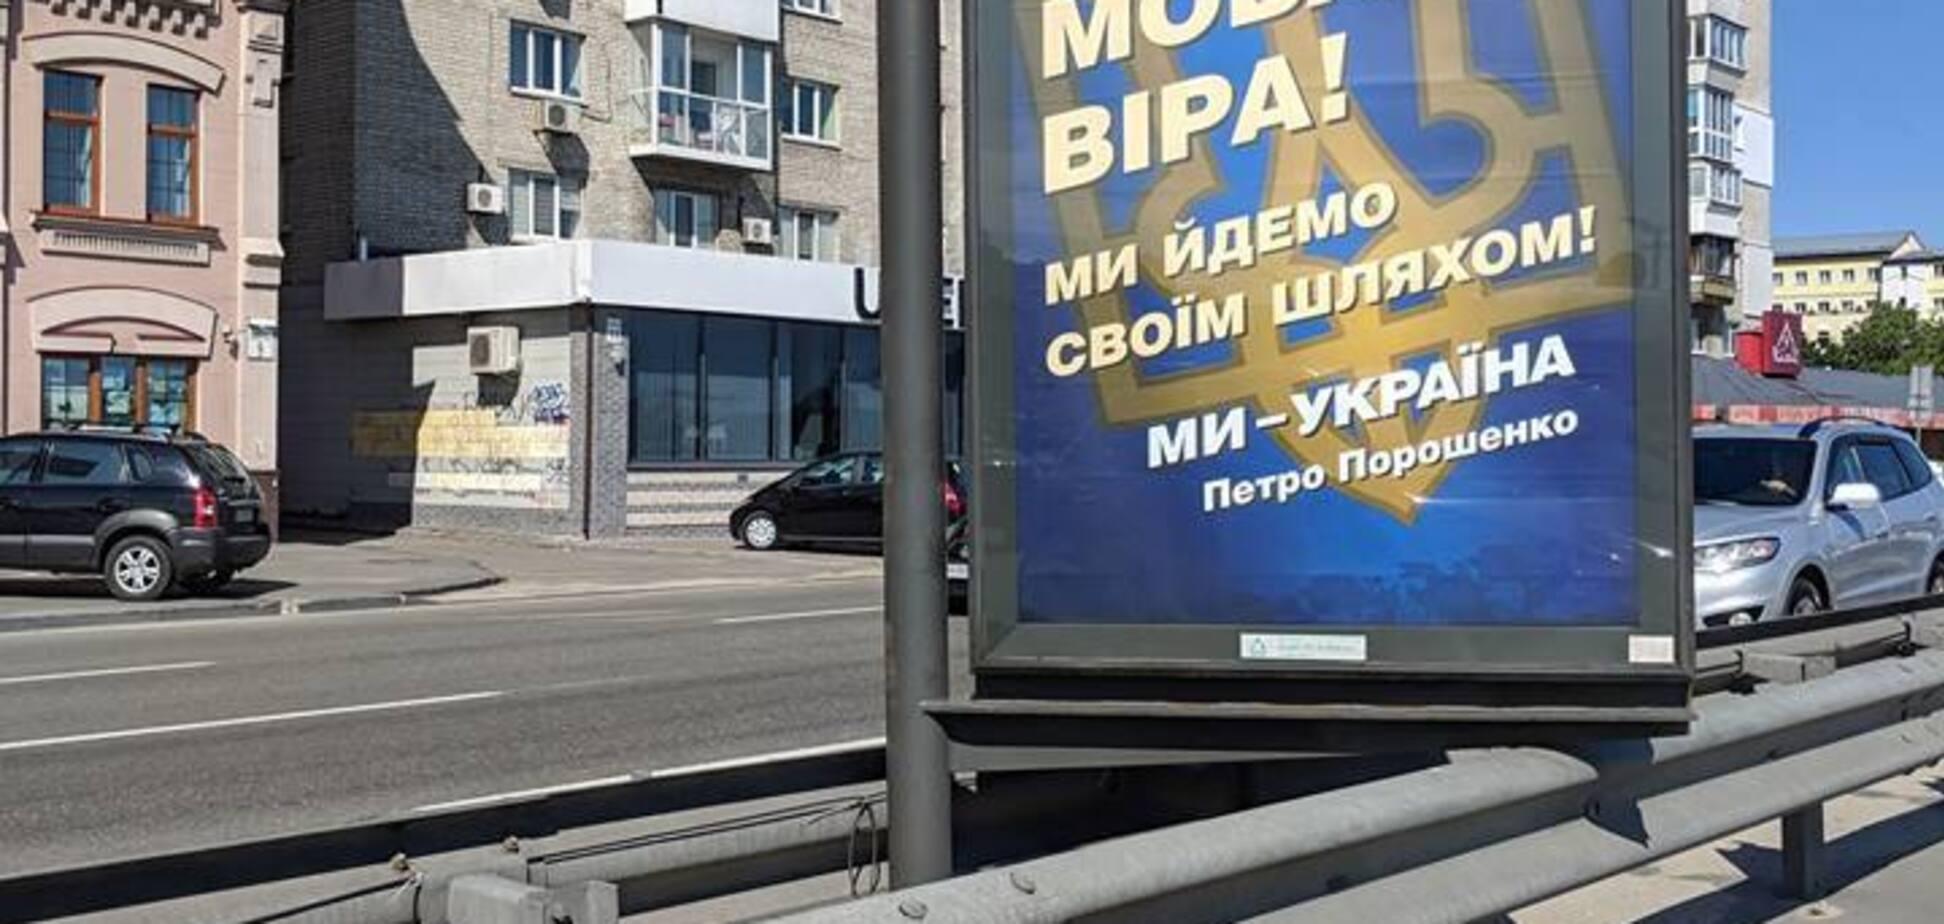 ''Армія. Мова. Віра'': у Порошенка відхрестилися від білбордів по всій Україні